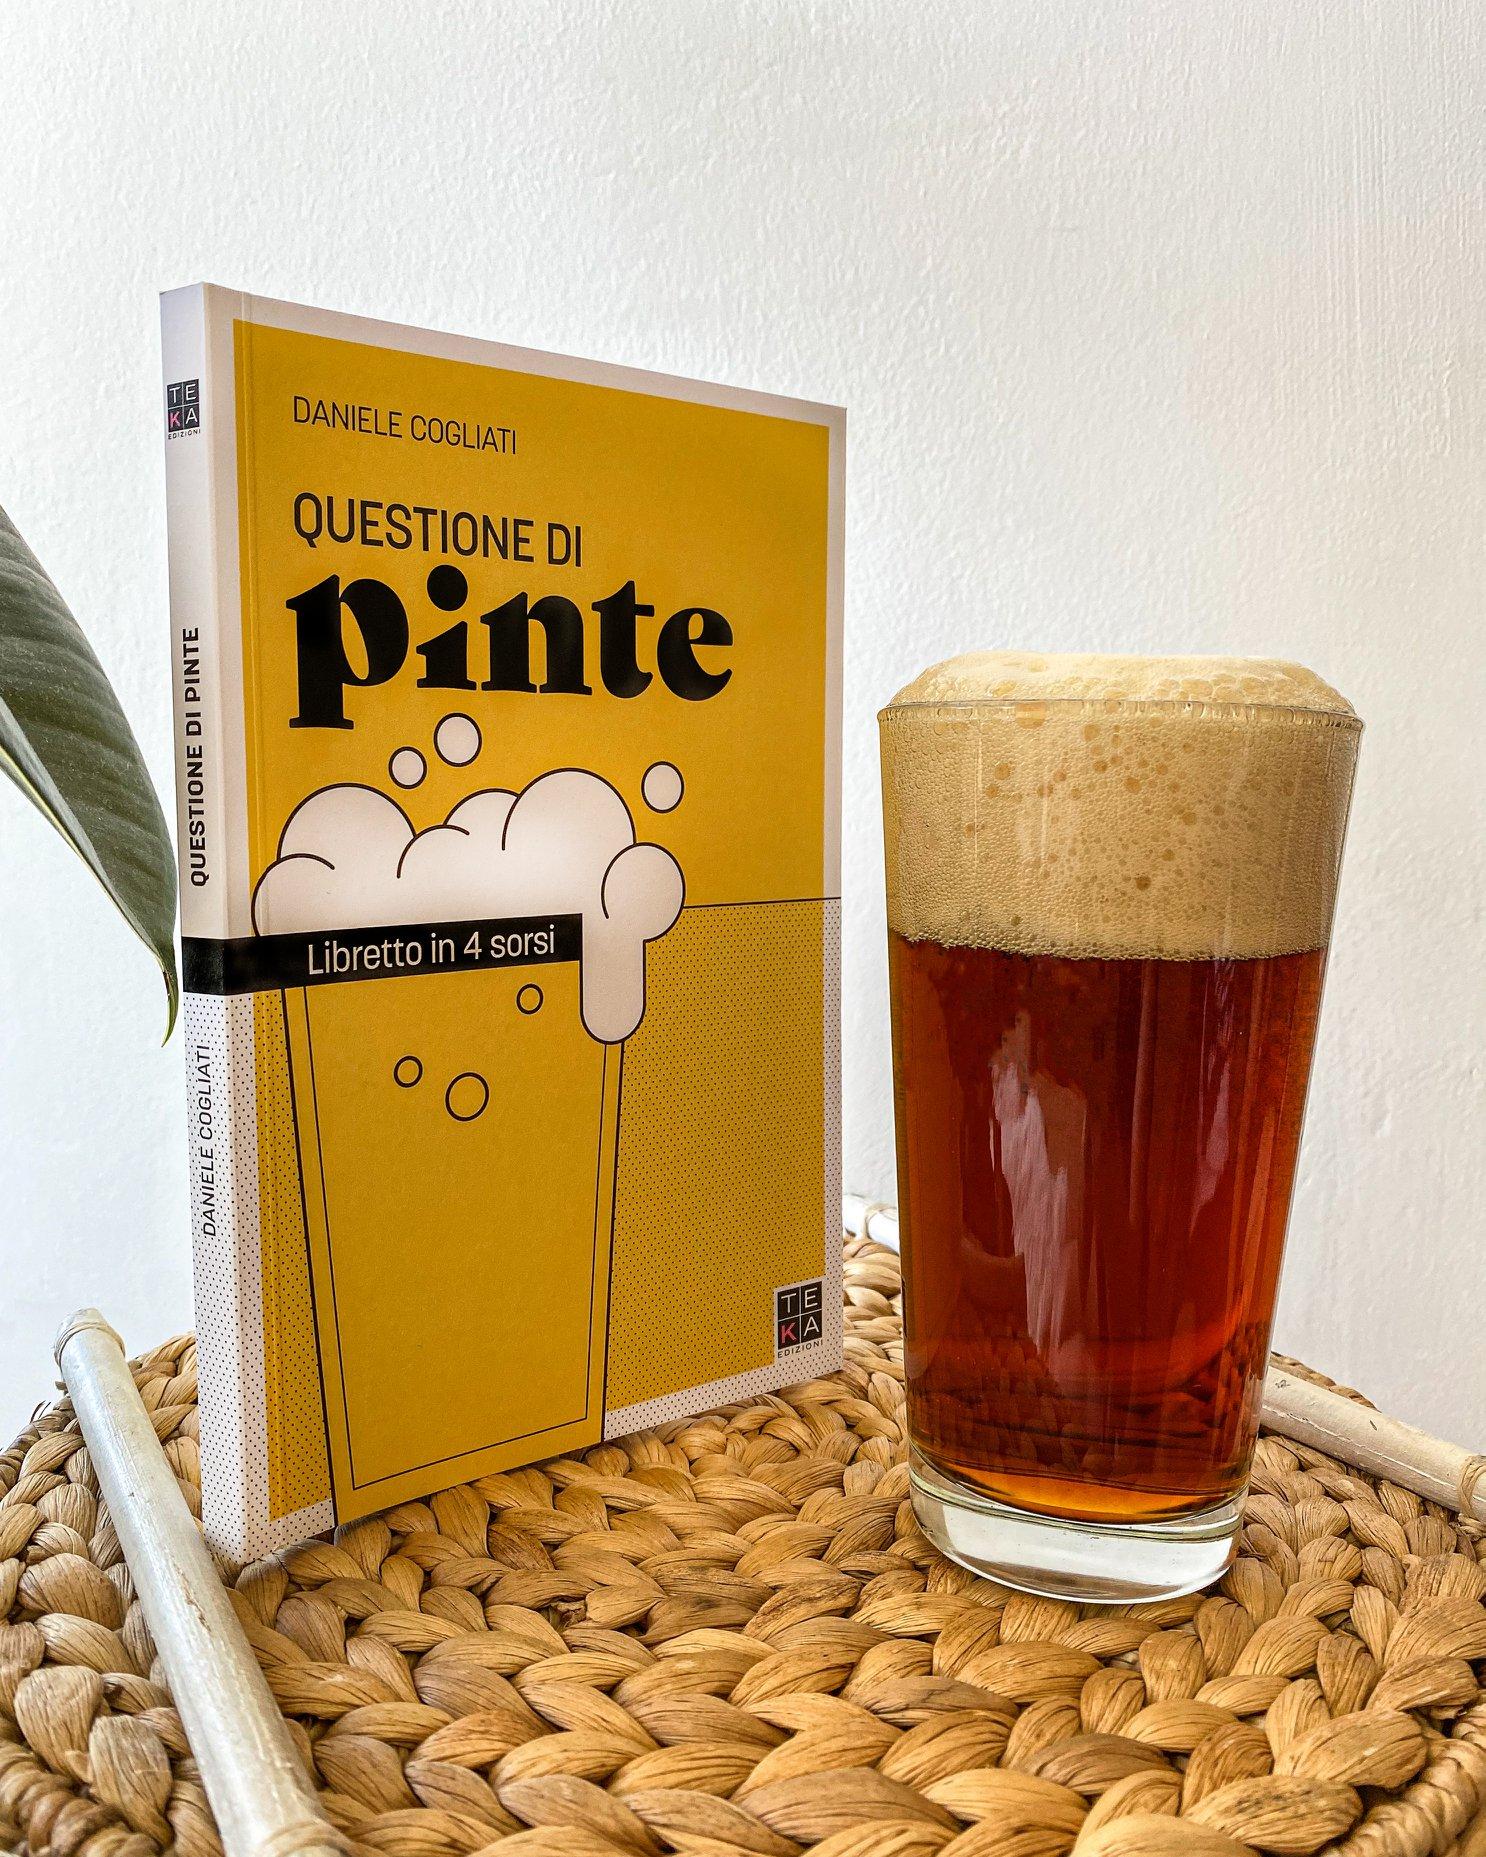 """Intervista a Daniele Cogliati, autore del libro, """" Questioni di Pinte, Libretto in 4 sorsi, nonché giudice di birra"""